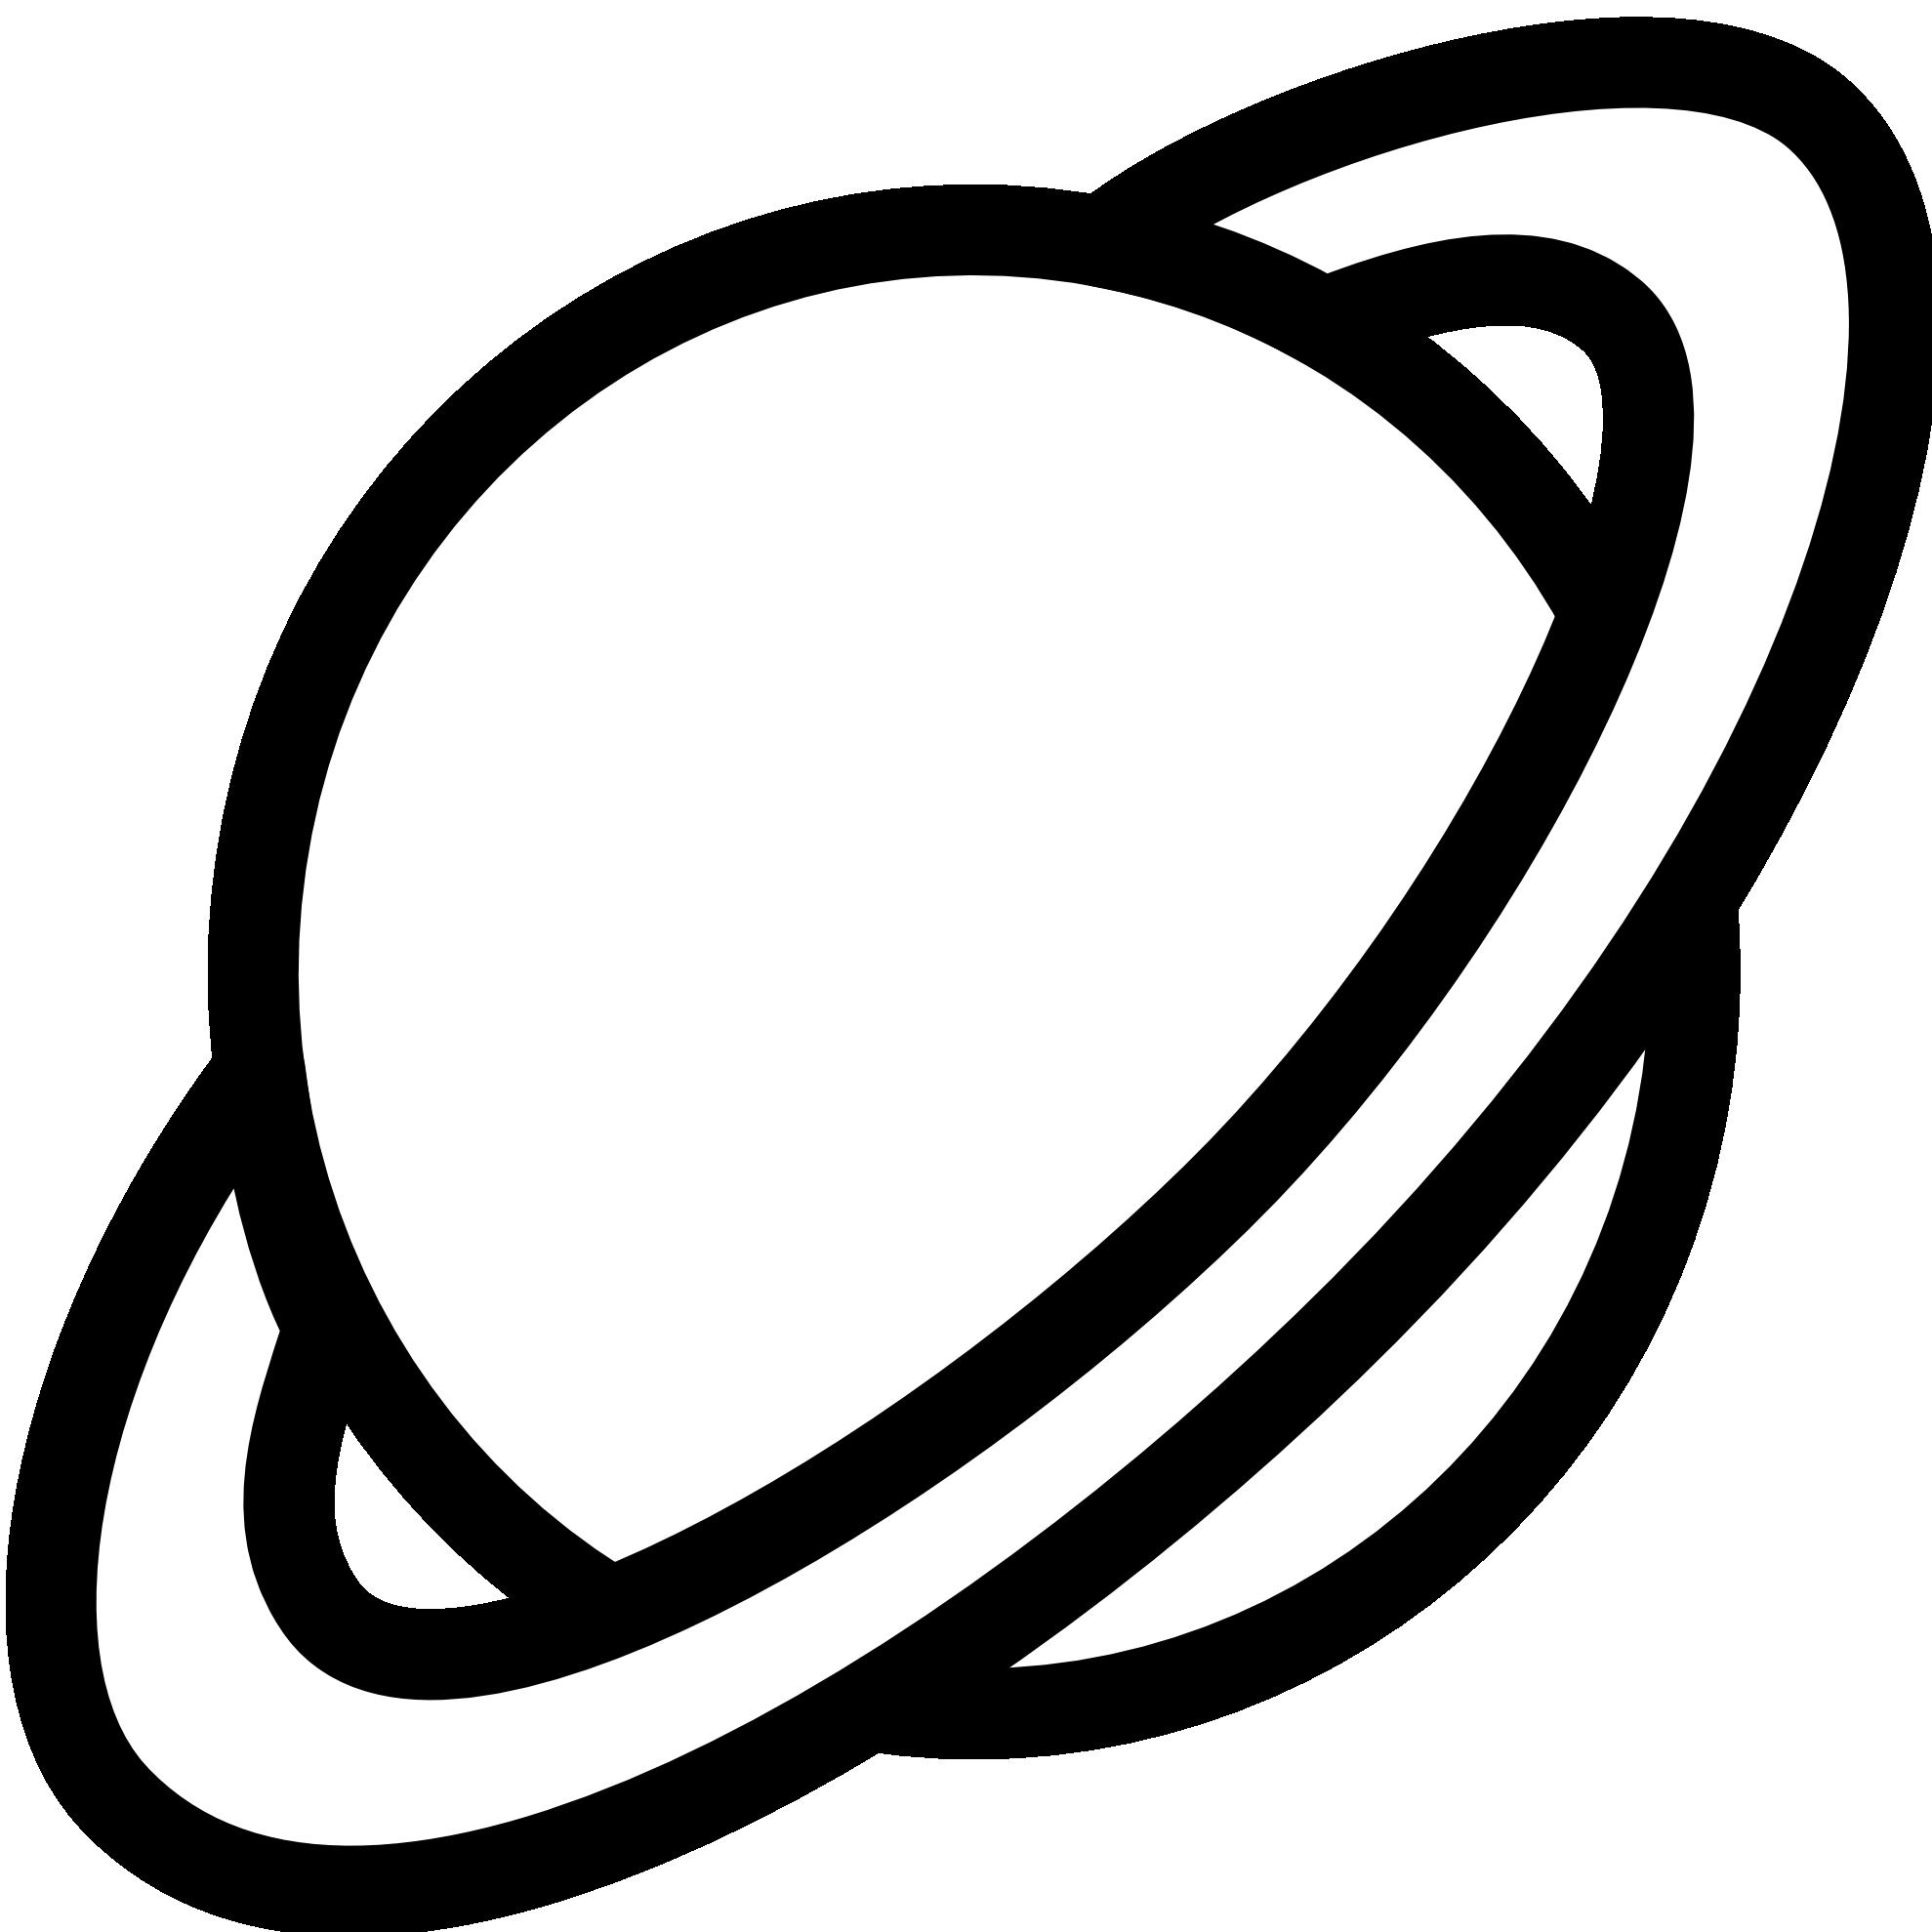 Planet Clip Art.